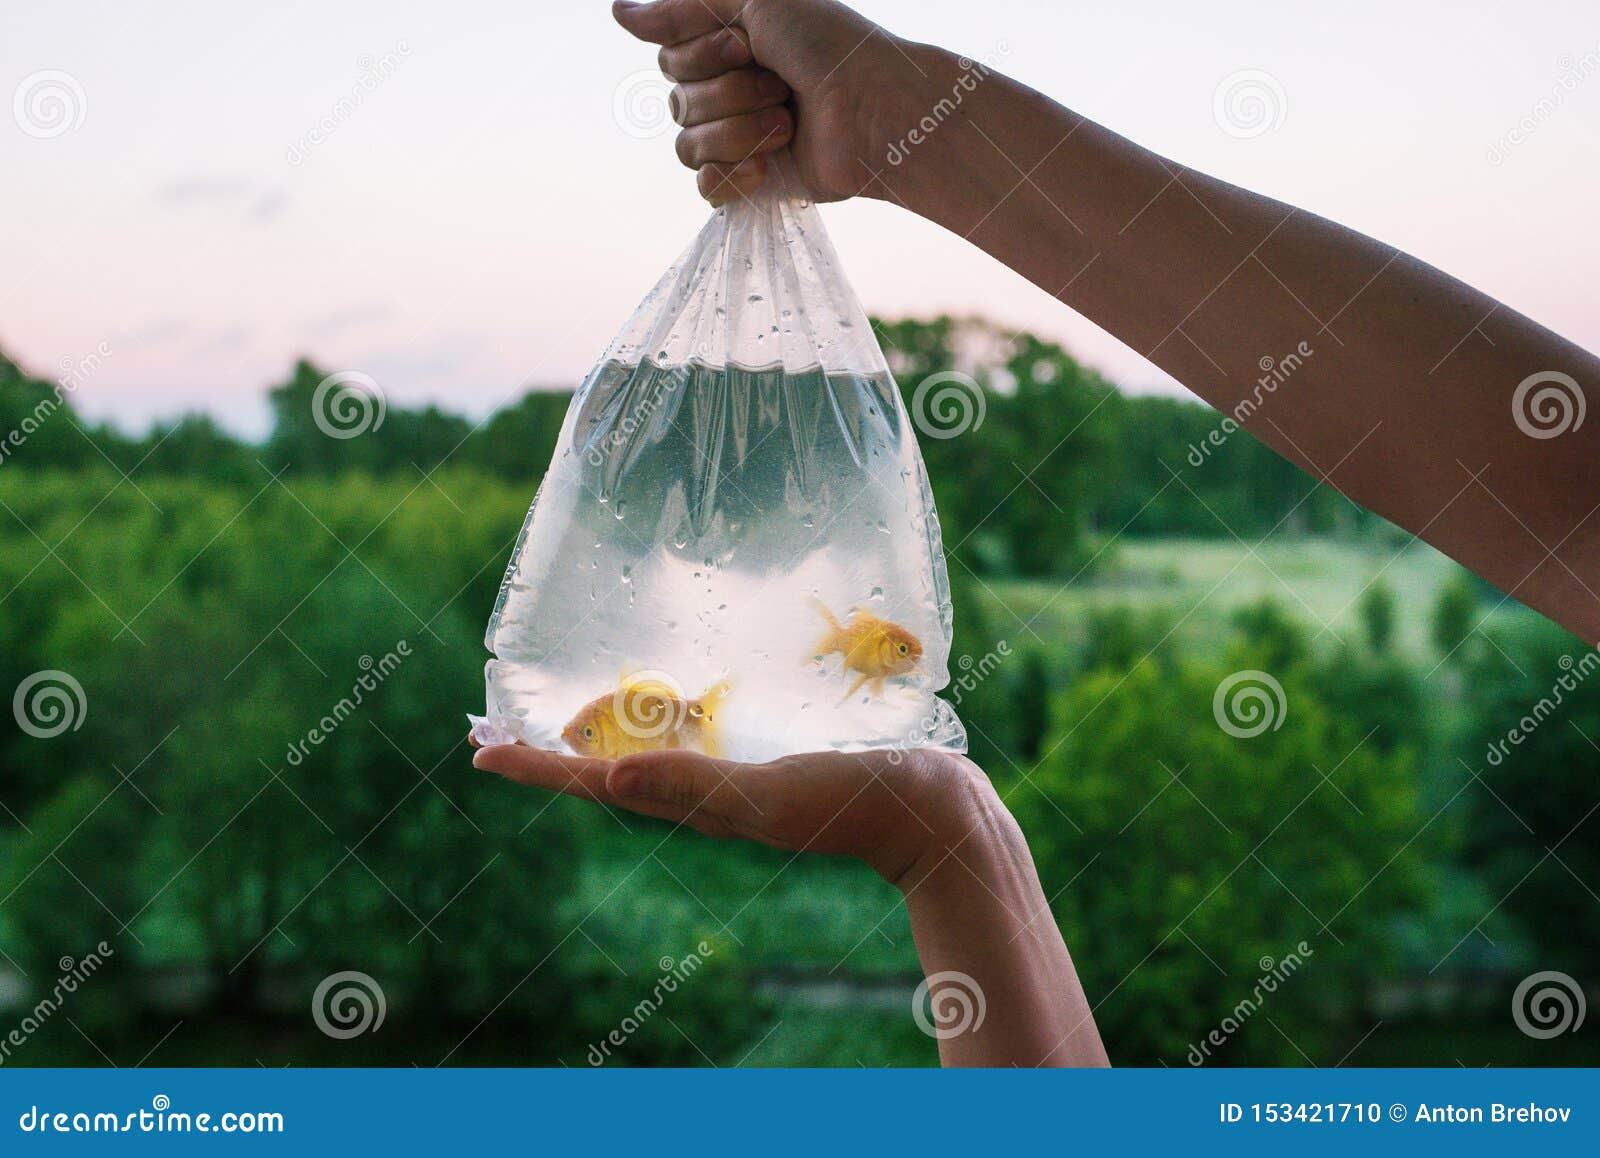 Genomskinlig packe med den inhandlade akvariefisken Händer som rymmer en påse av den guld- fisken Guldfisk två i plast- förpacka